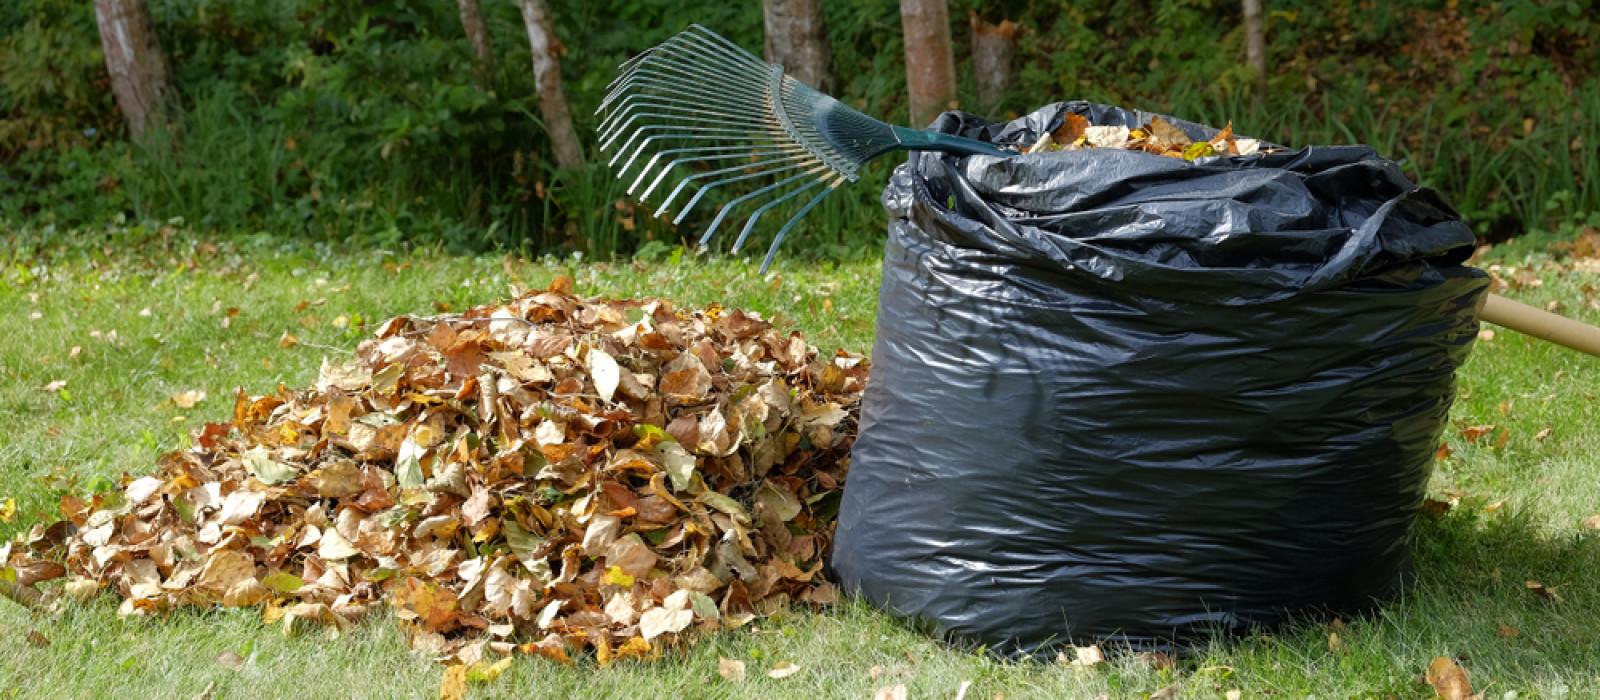 Zelf doen: bladcompost maken!